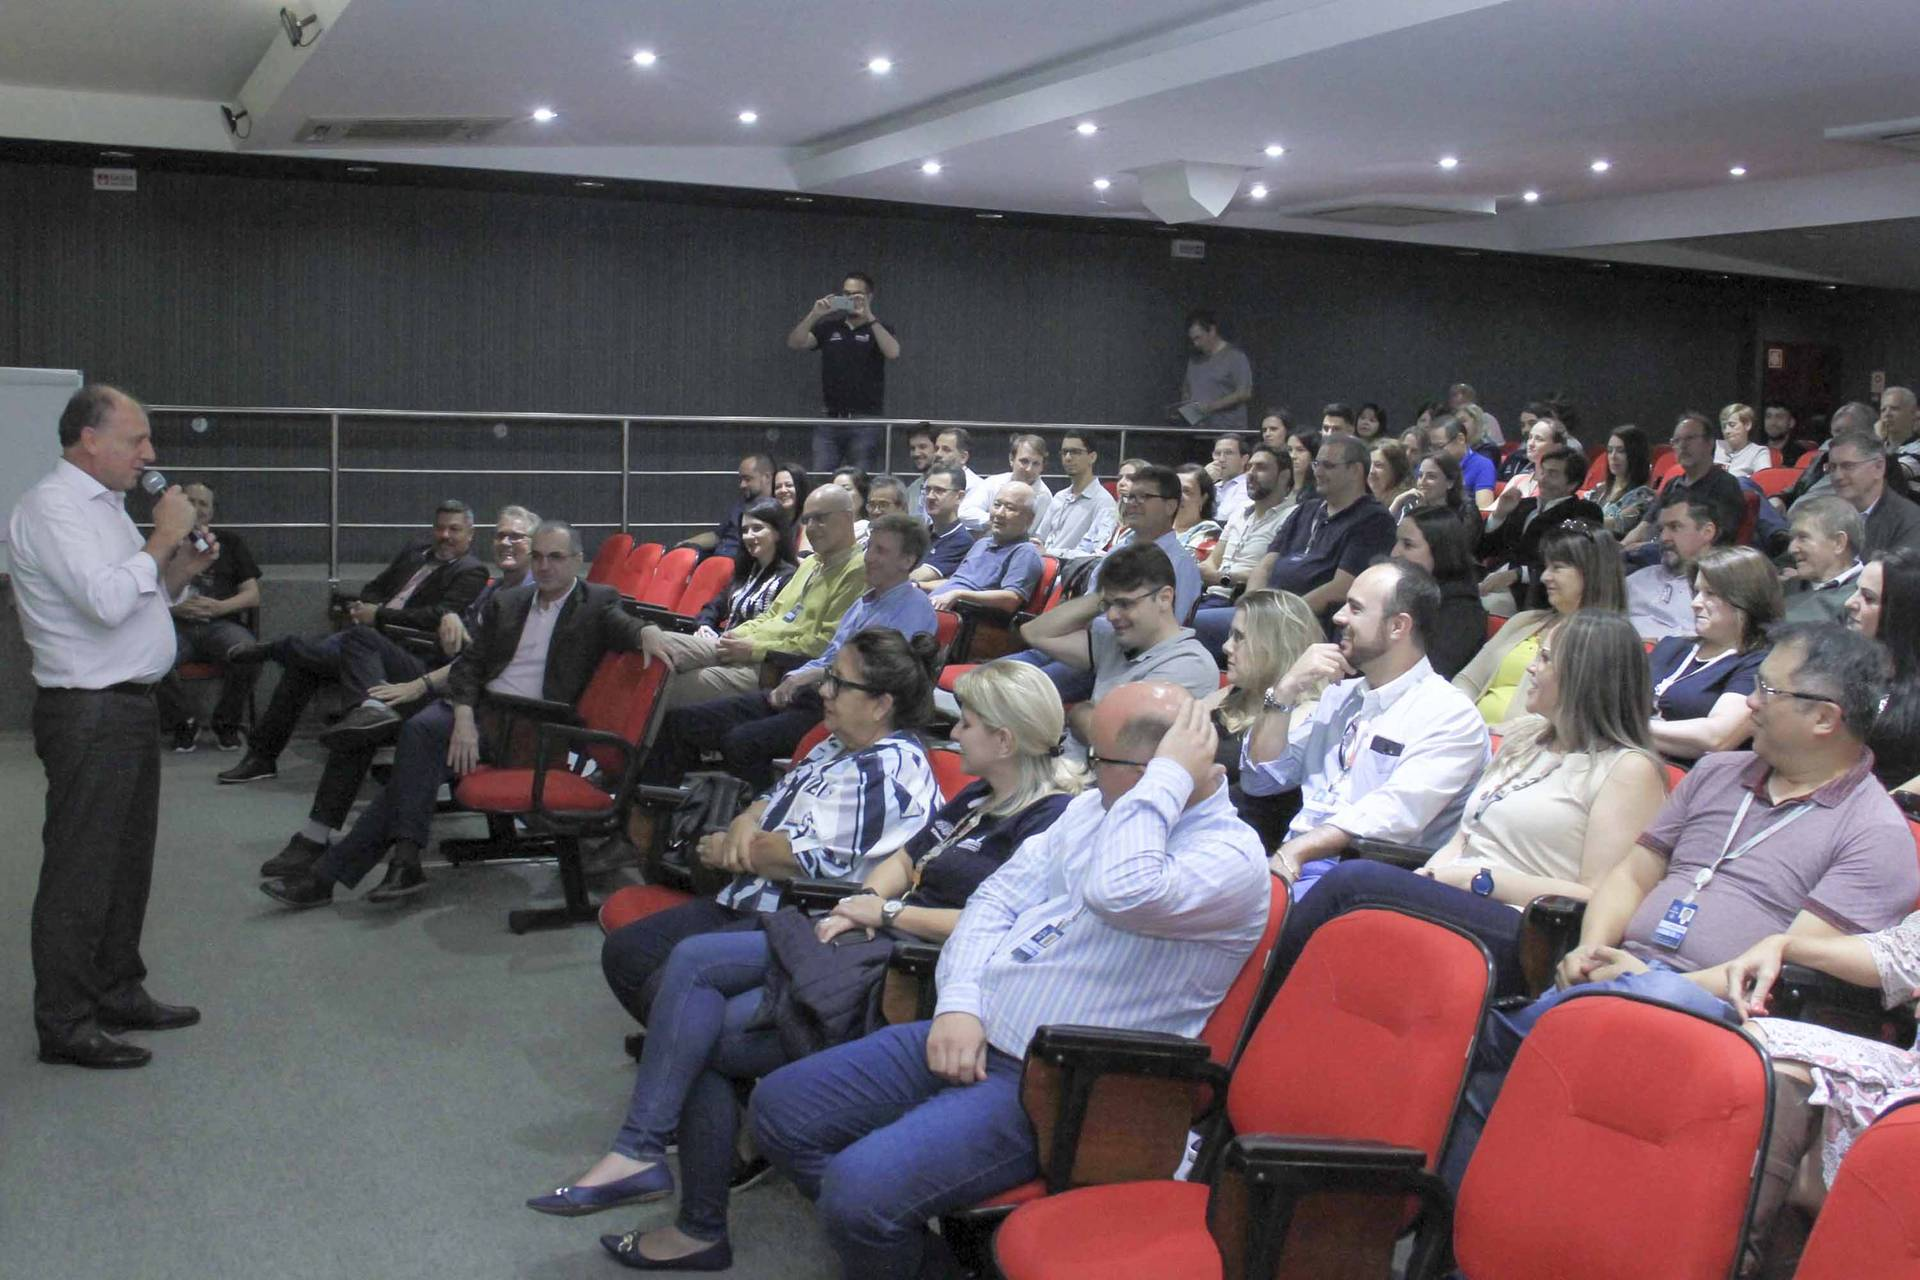 A avaliação dos trabalhos em 2019, com destaque para os principais avanços, foi foco do seminário promovido pelo Paranacidade.